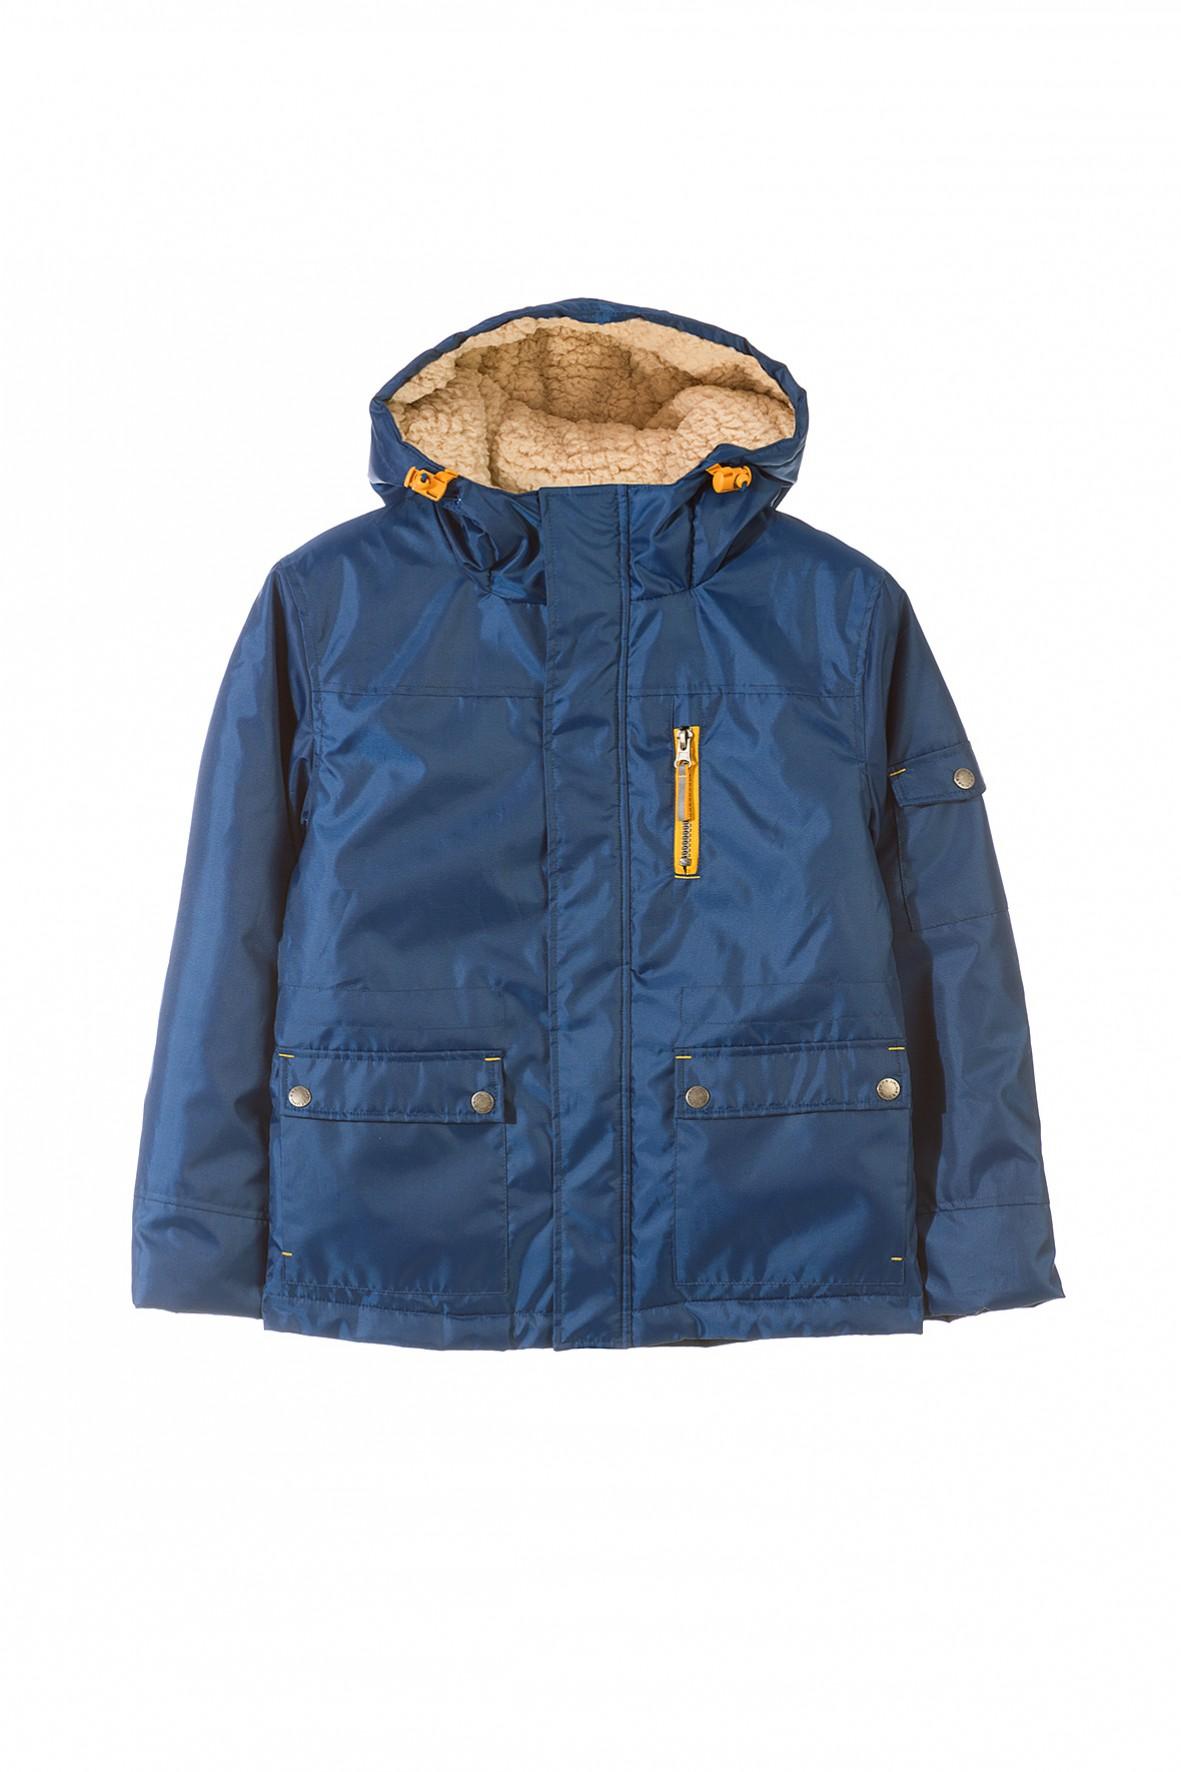 kurtka chŁopiĘca 2a Genialna kurtka dla chłopca lubiącego podążać za najnowszymi trendami. Odzienie w stonowanym kolorze o klasycznej formie przełamanej modnymi detalami z pewnością przypadnie do gustu każdemu nastolatkowi.